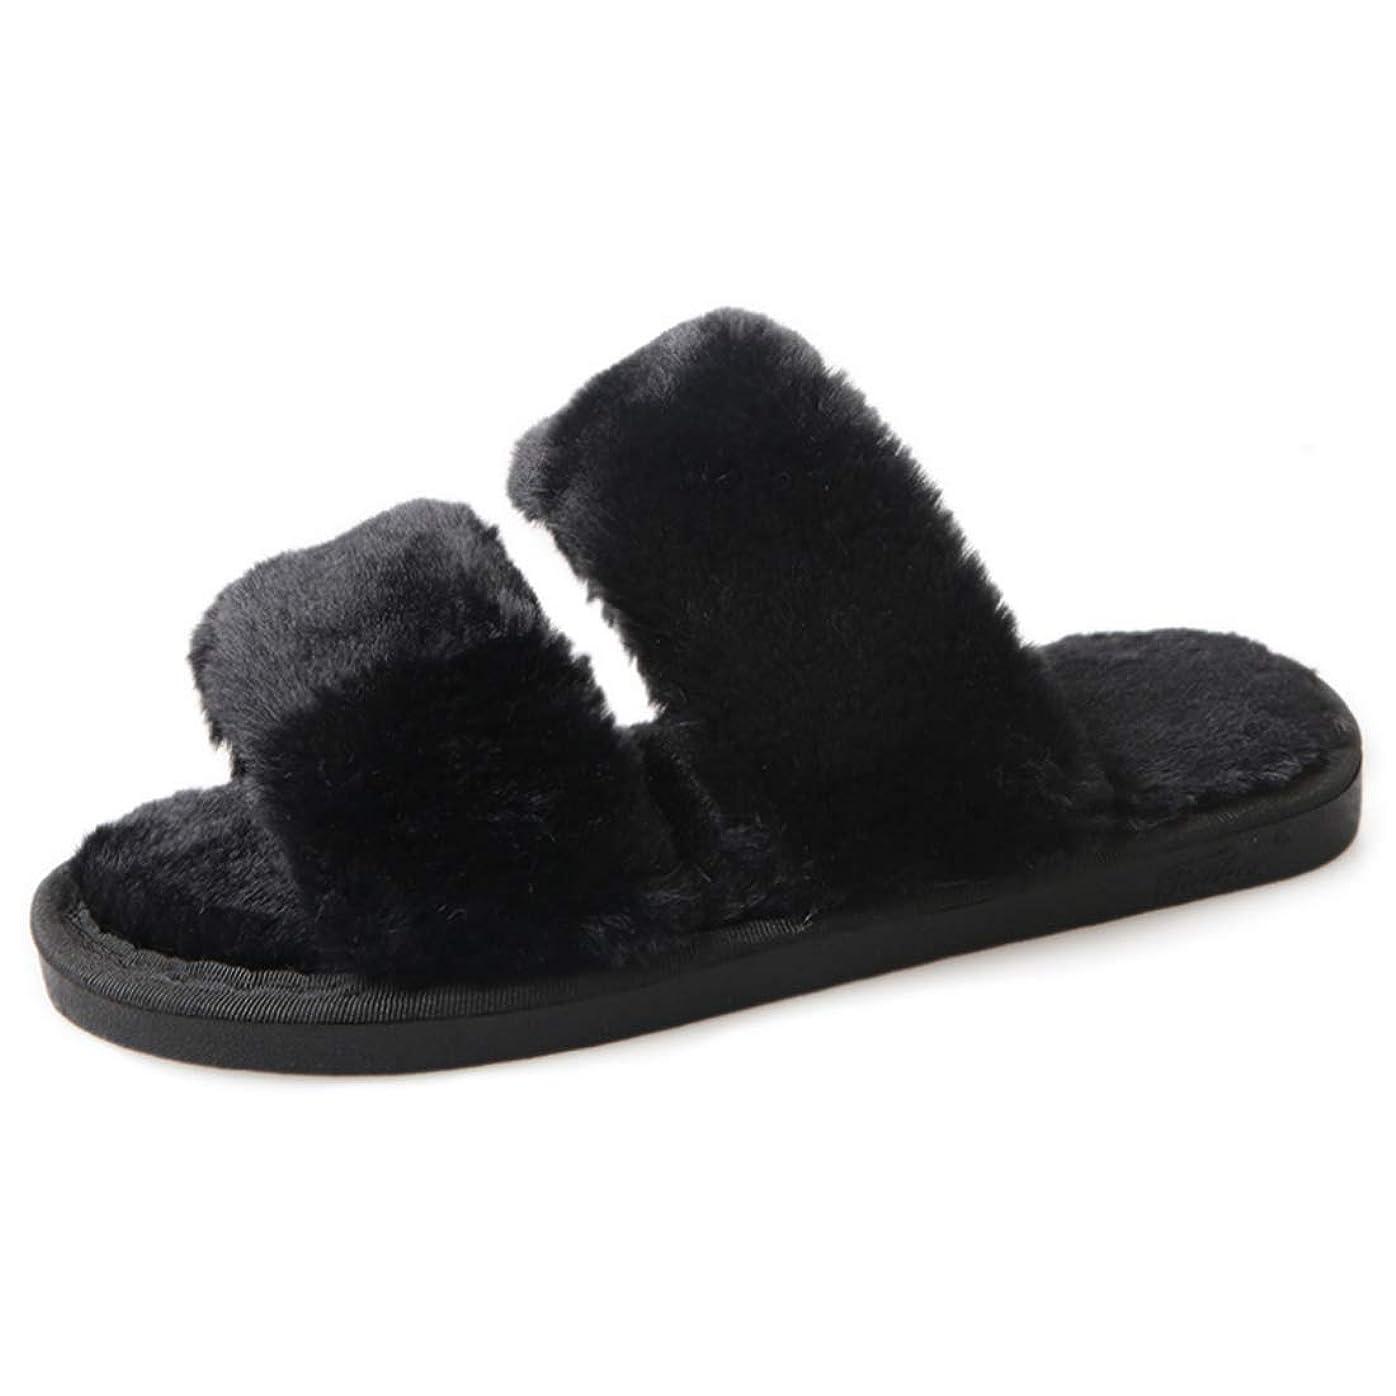 の量未亡人基礎Huicai 女性の室内スリッパシューズ厚い秋の冬の家庭の女性の女の子暖かいスリップオンオープンつま先の家の靴